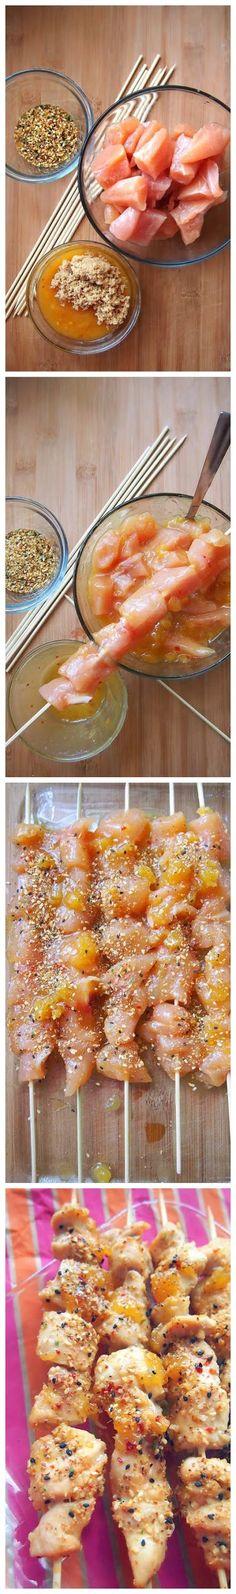 Pineapple Mango Tropical Chicken Skewers